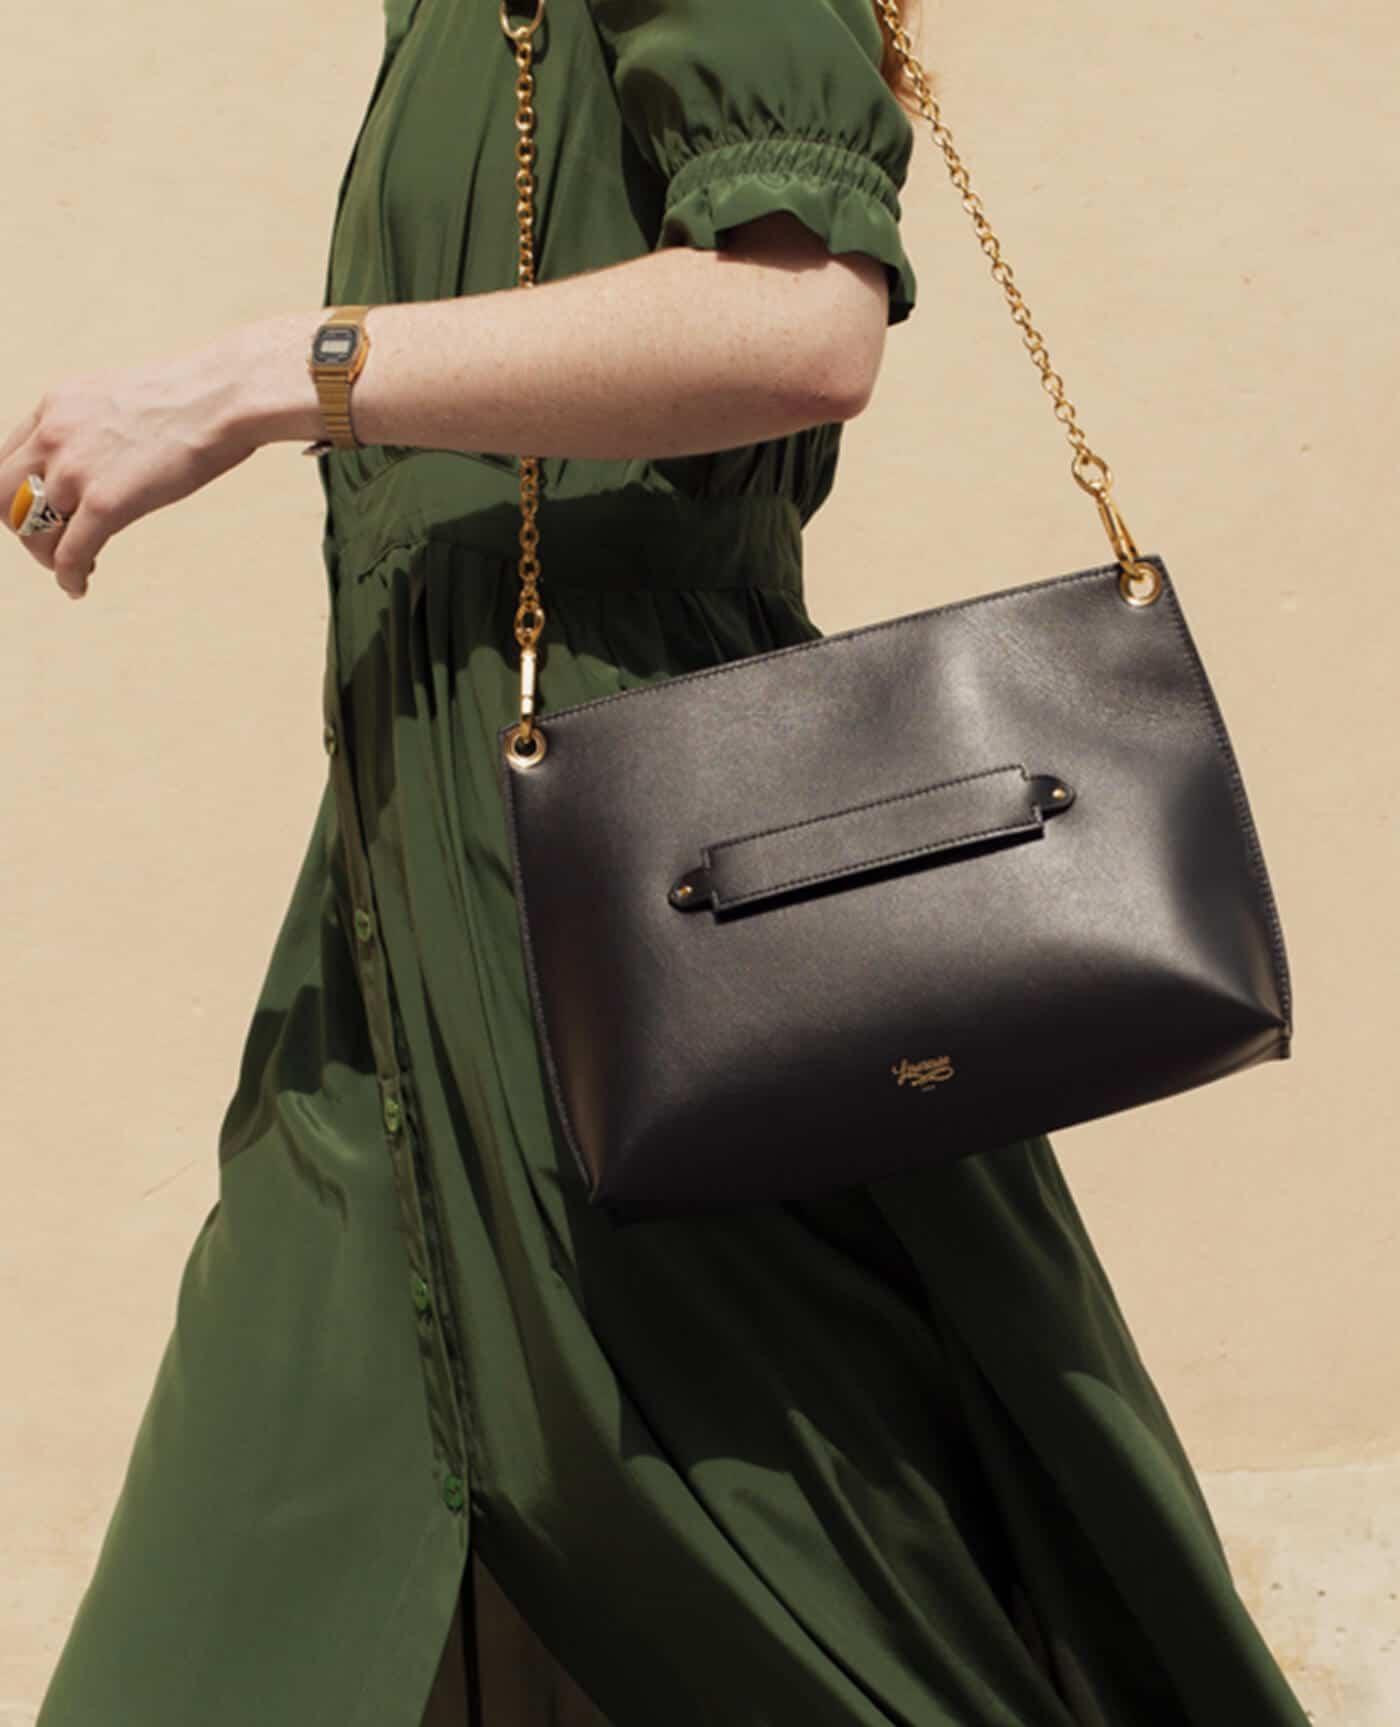 Sac Milo noir made in france de la marque Louvreuse